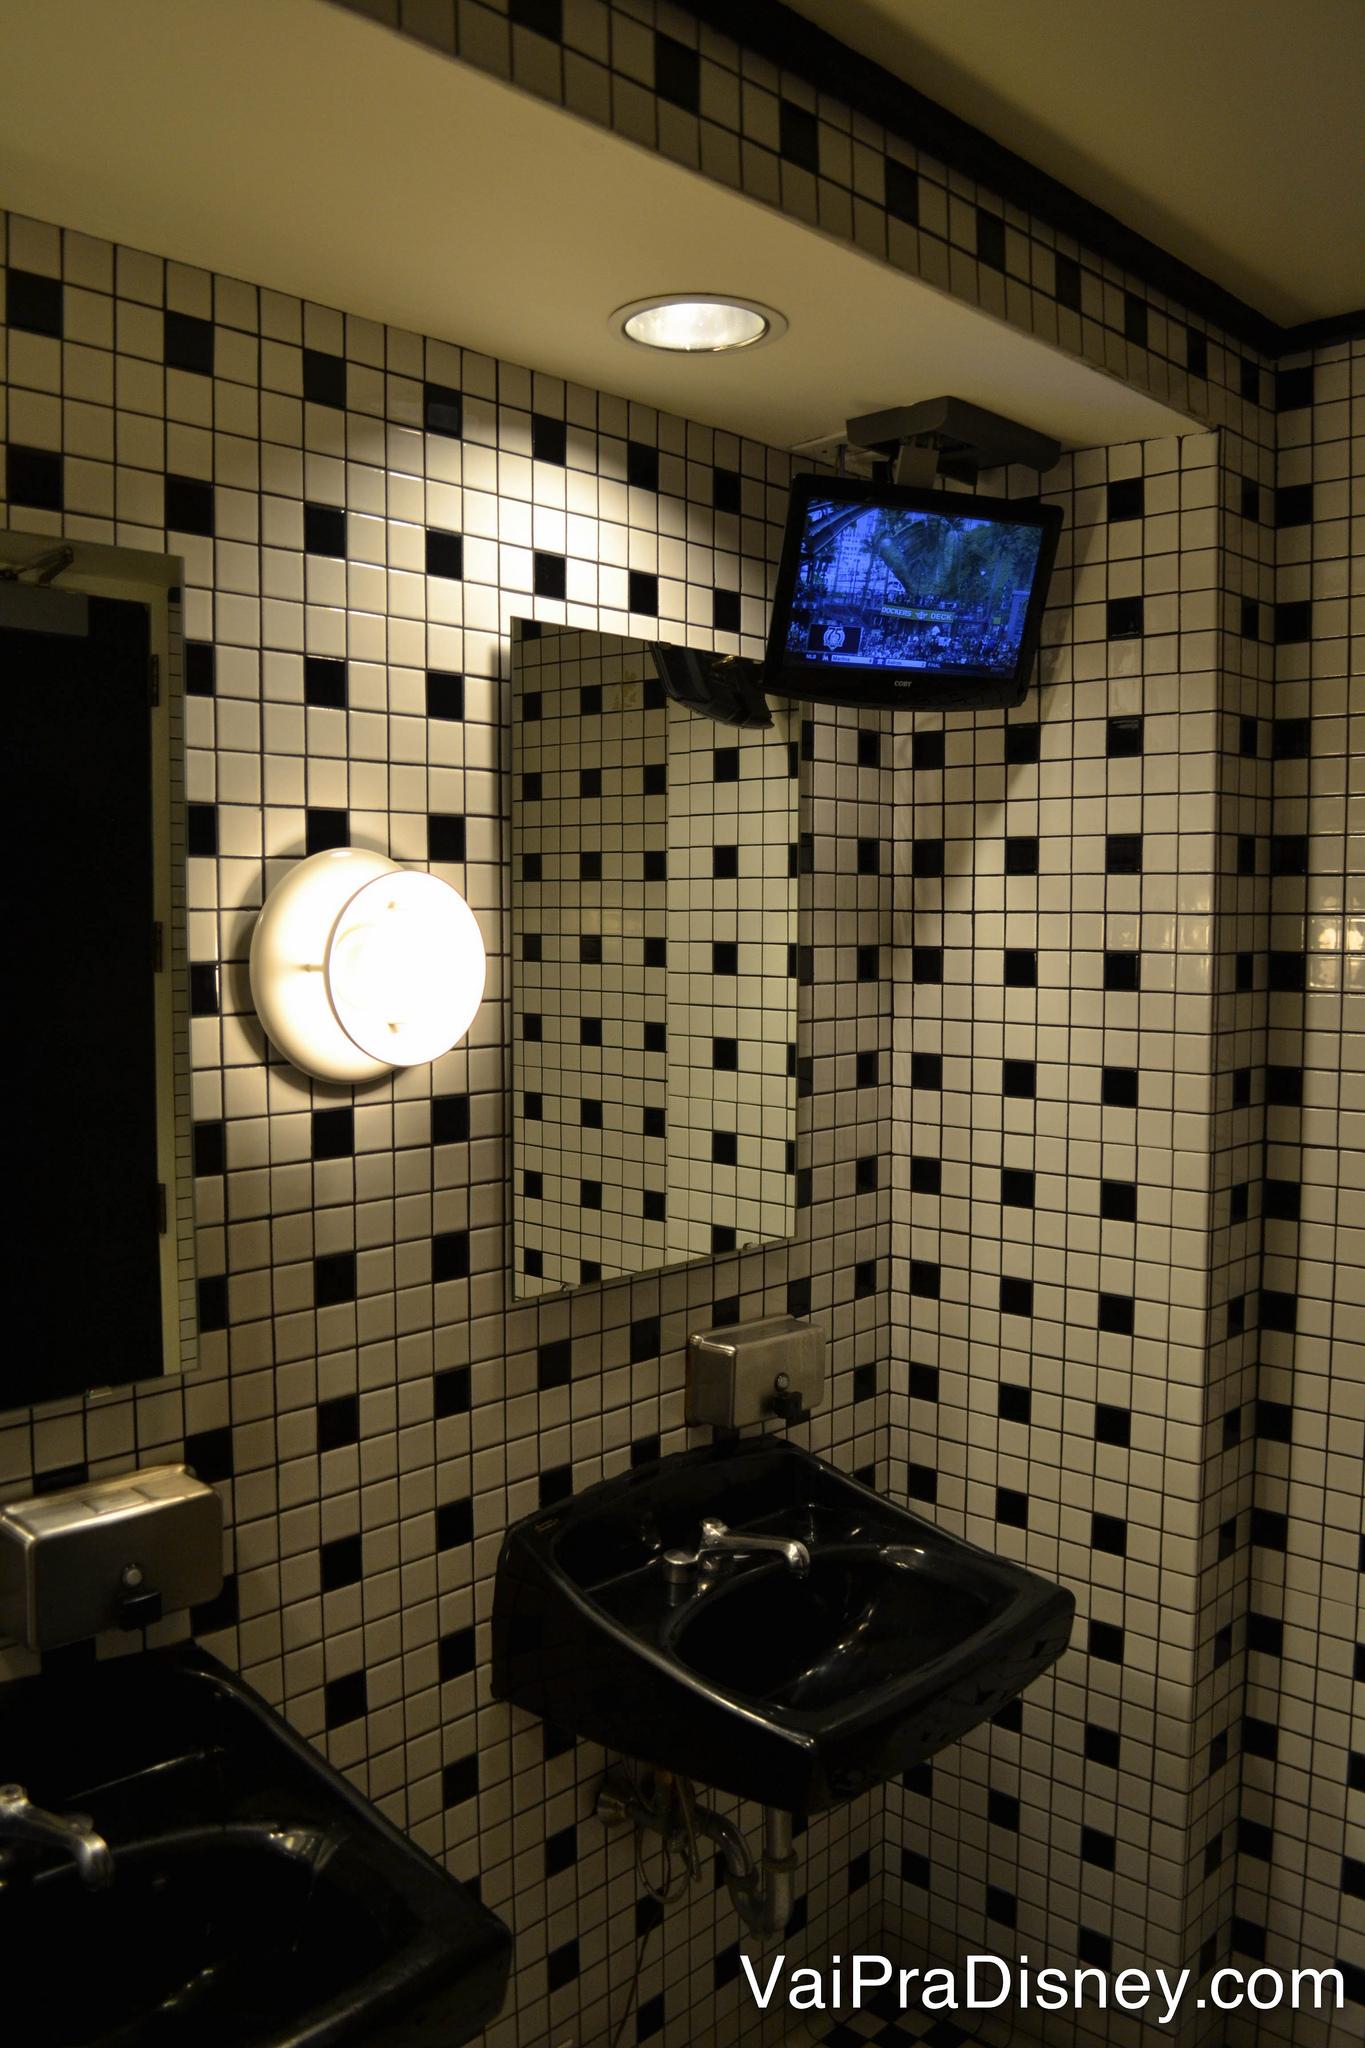 Pia no banheiro com uma TV, logo acima do espelho, no ESPN Club